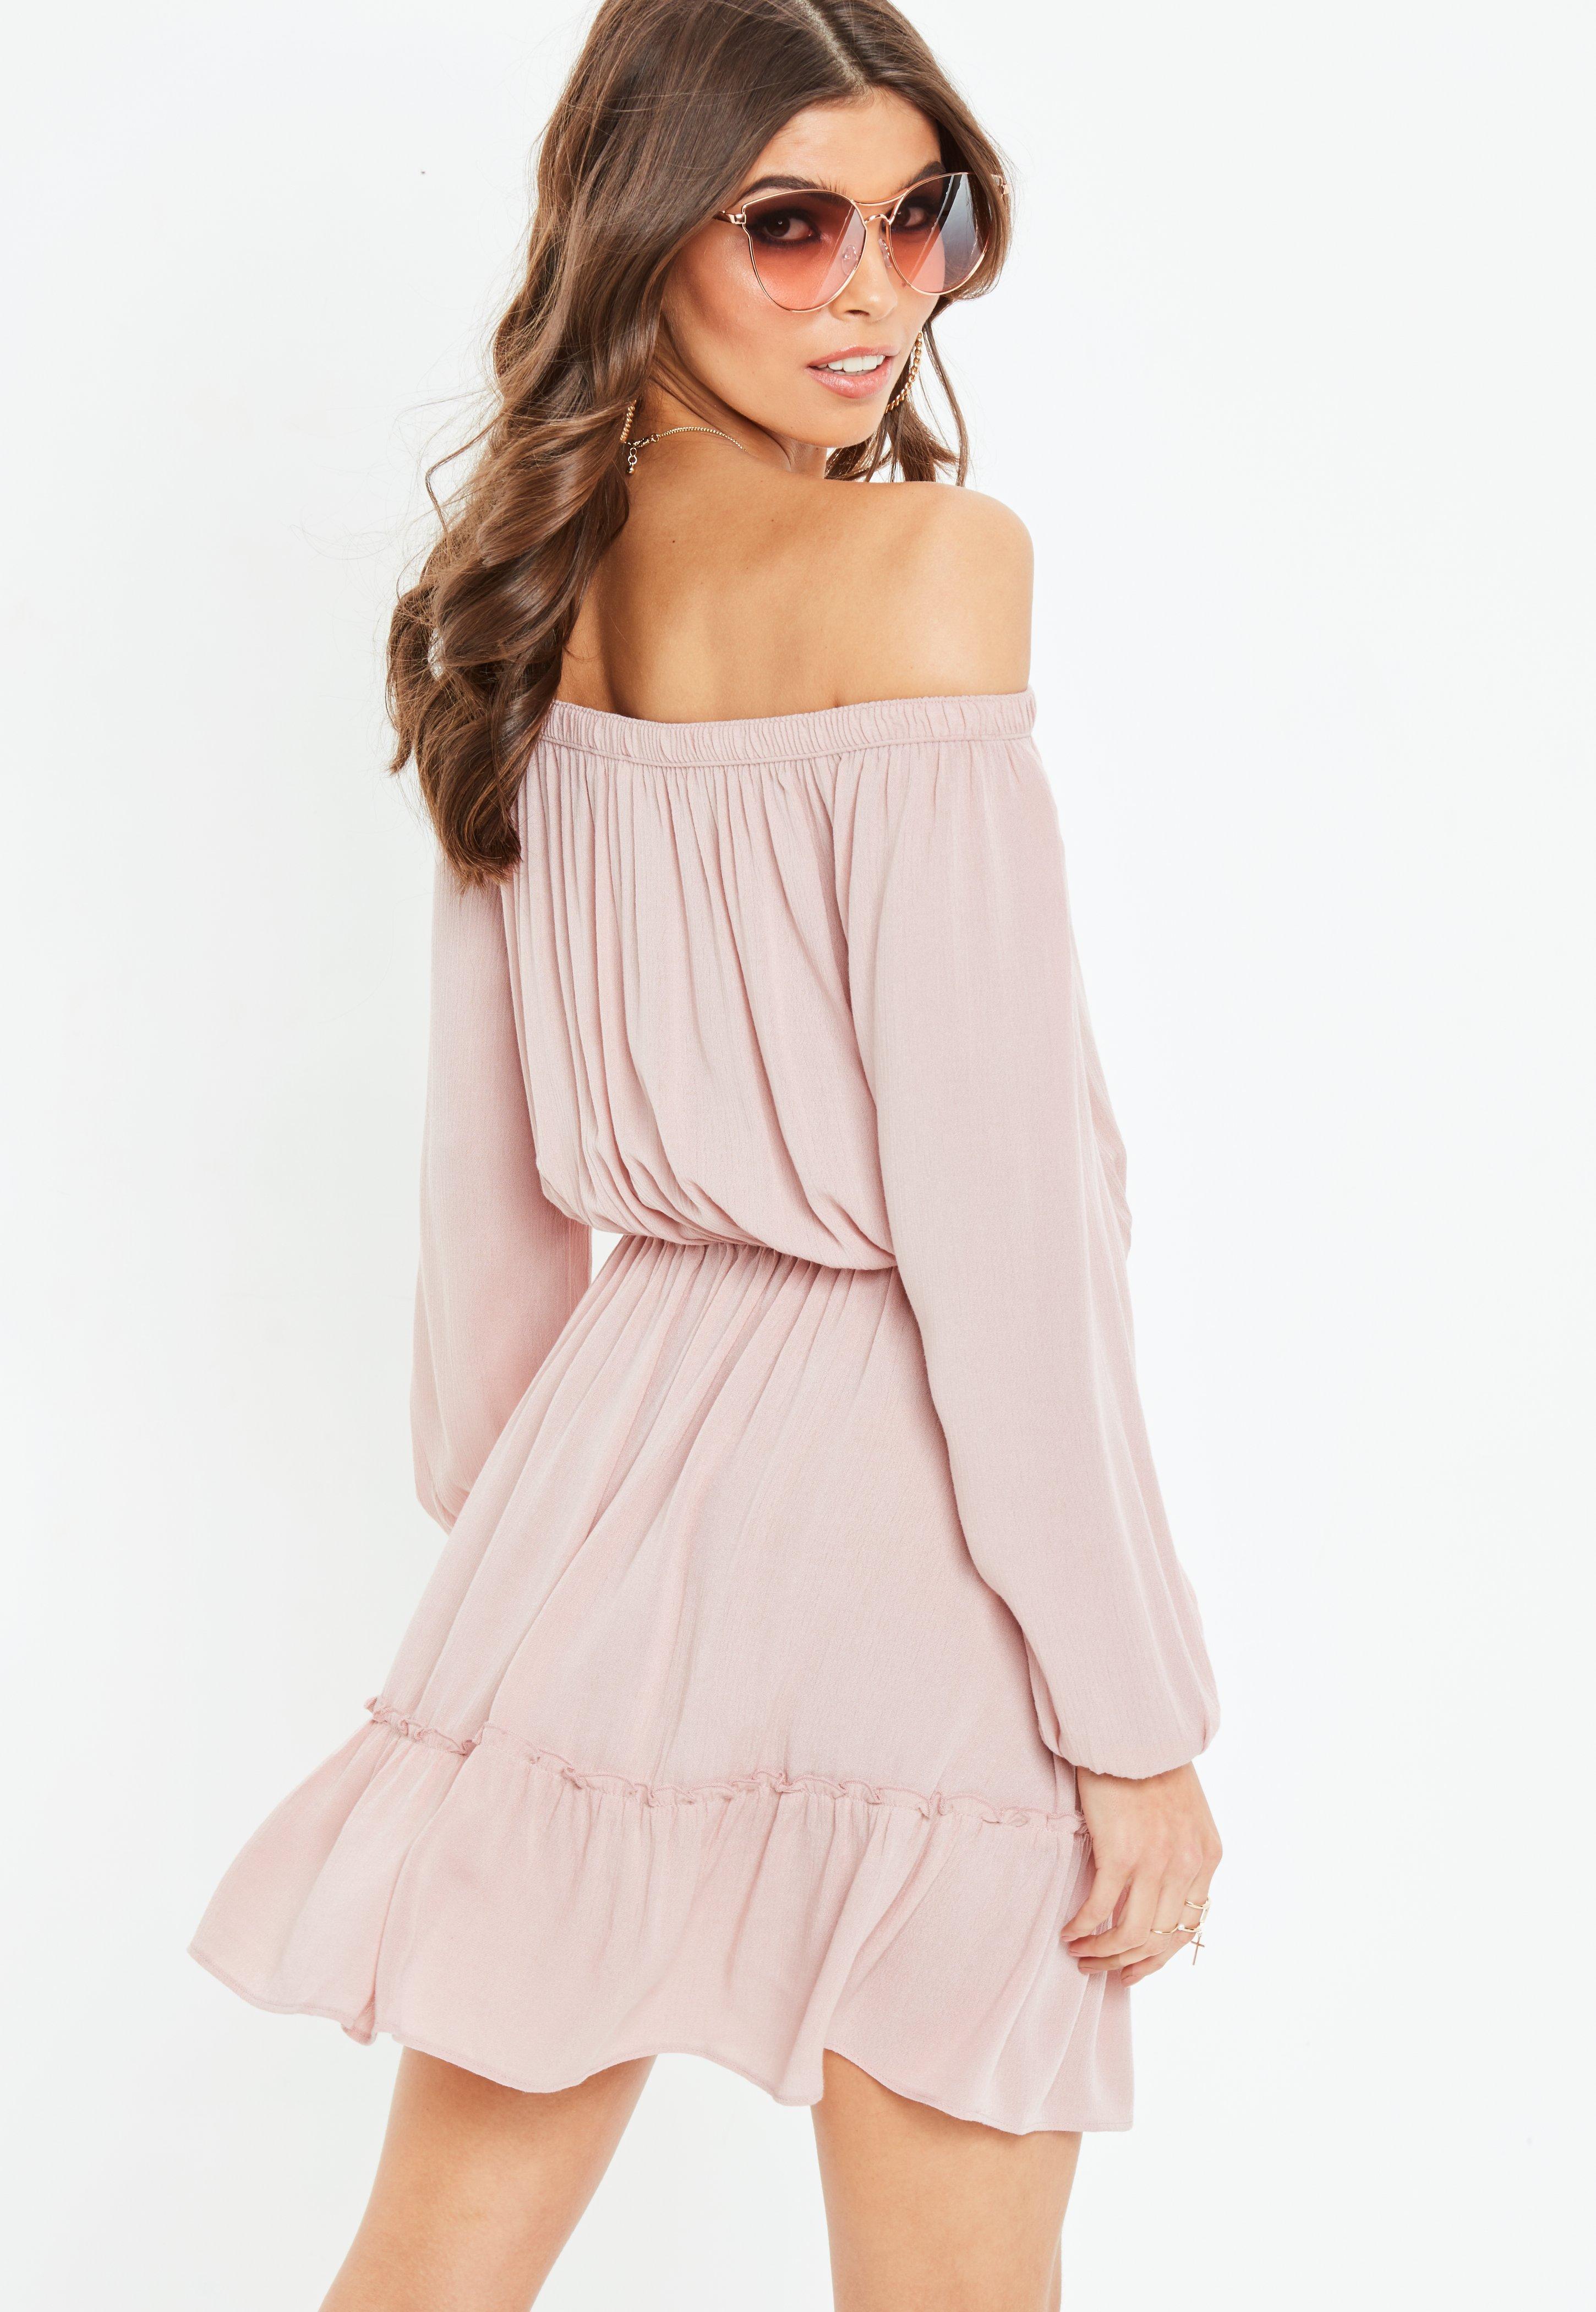 366a31f923 Gallery. Women s Pink Dresses Women s Skater Dresses Women s White ...